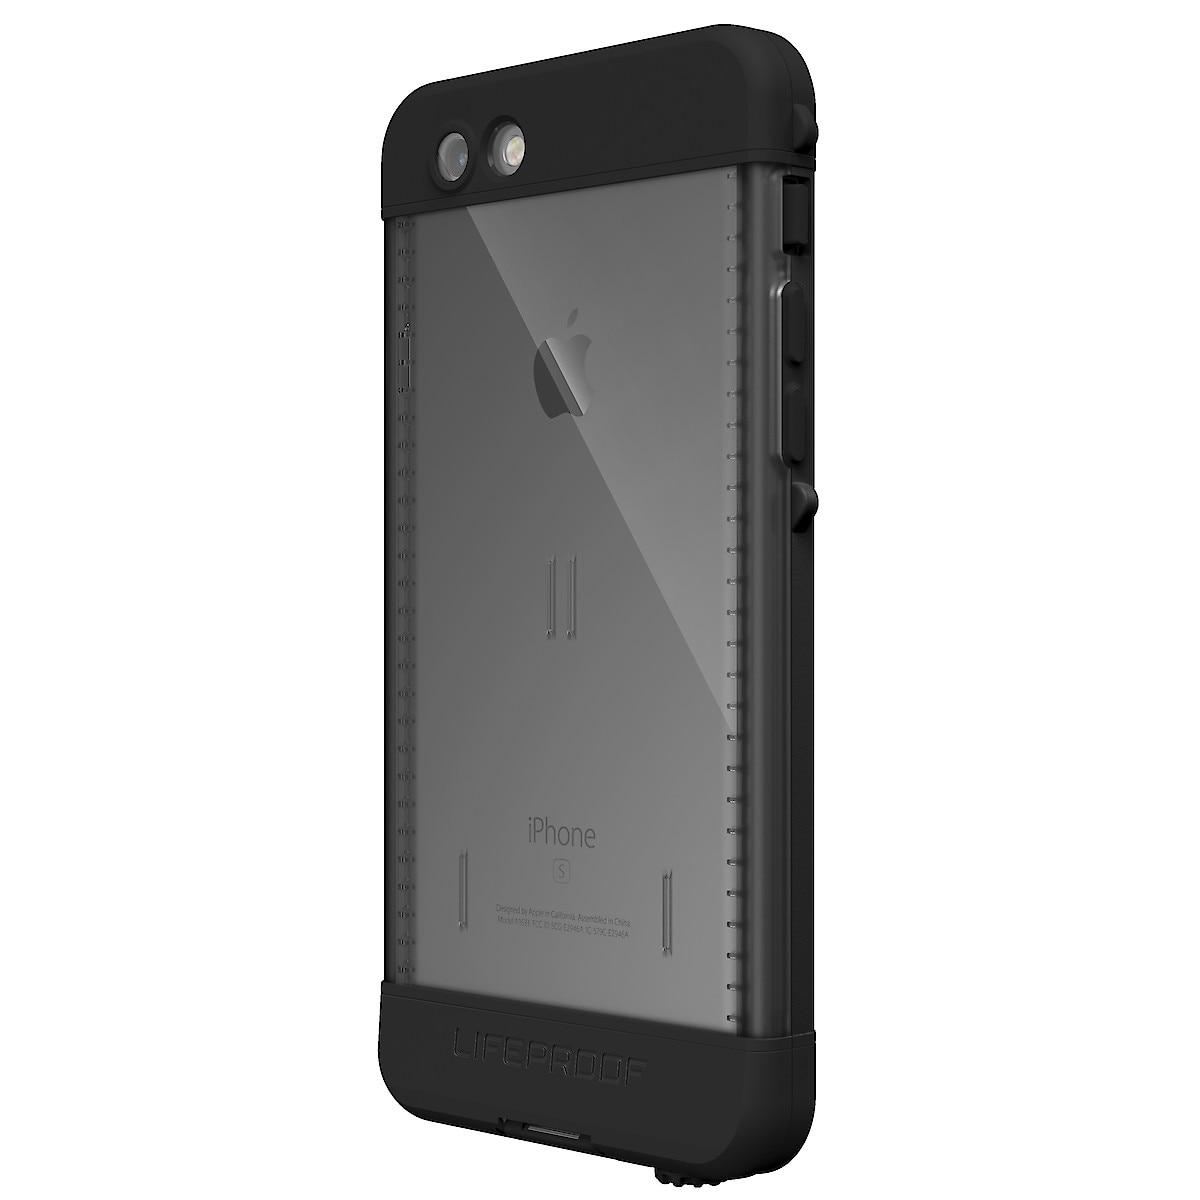 Mobilskal för iPhone 6S Plus, Lifeproof Nuud